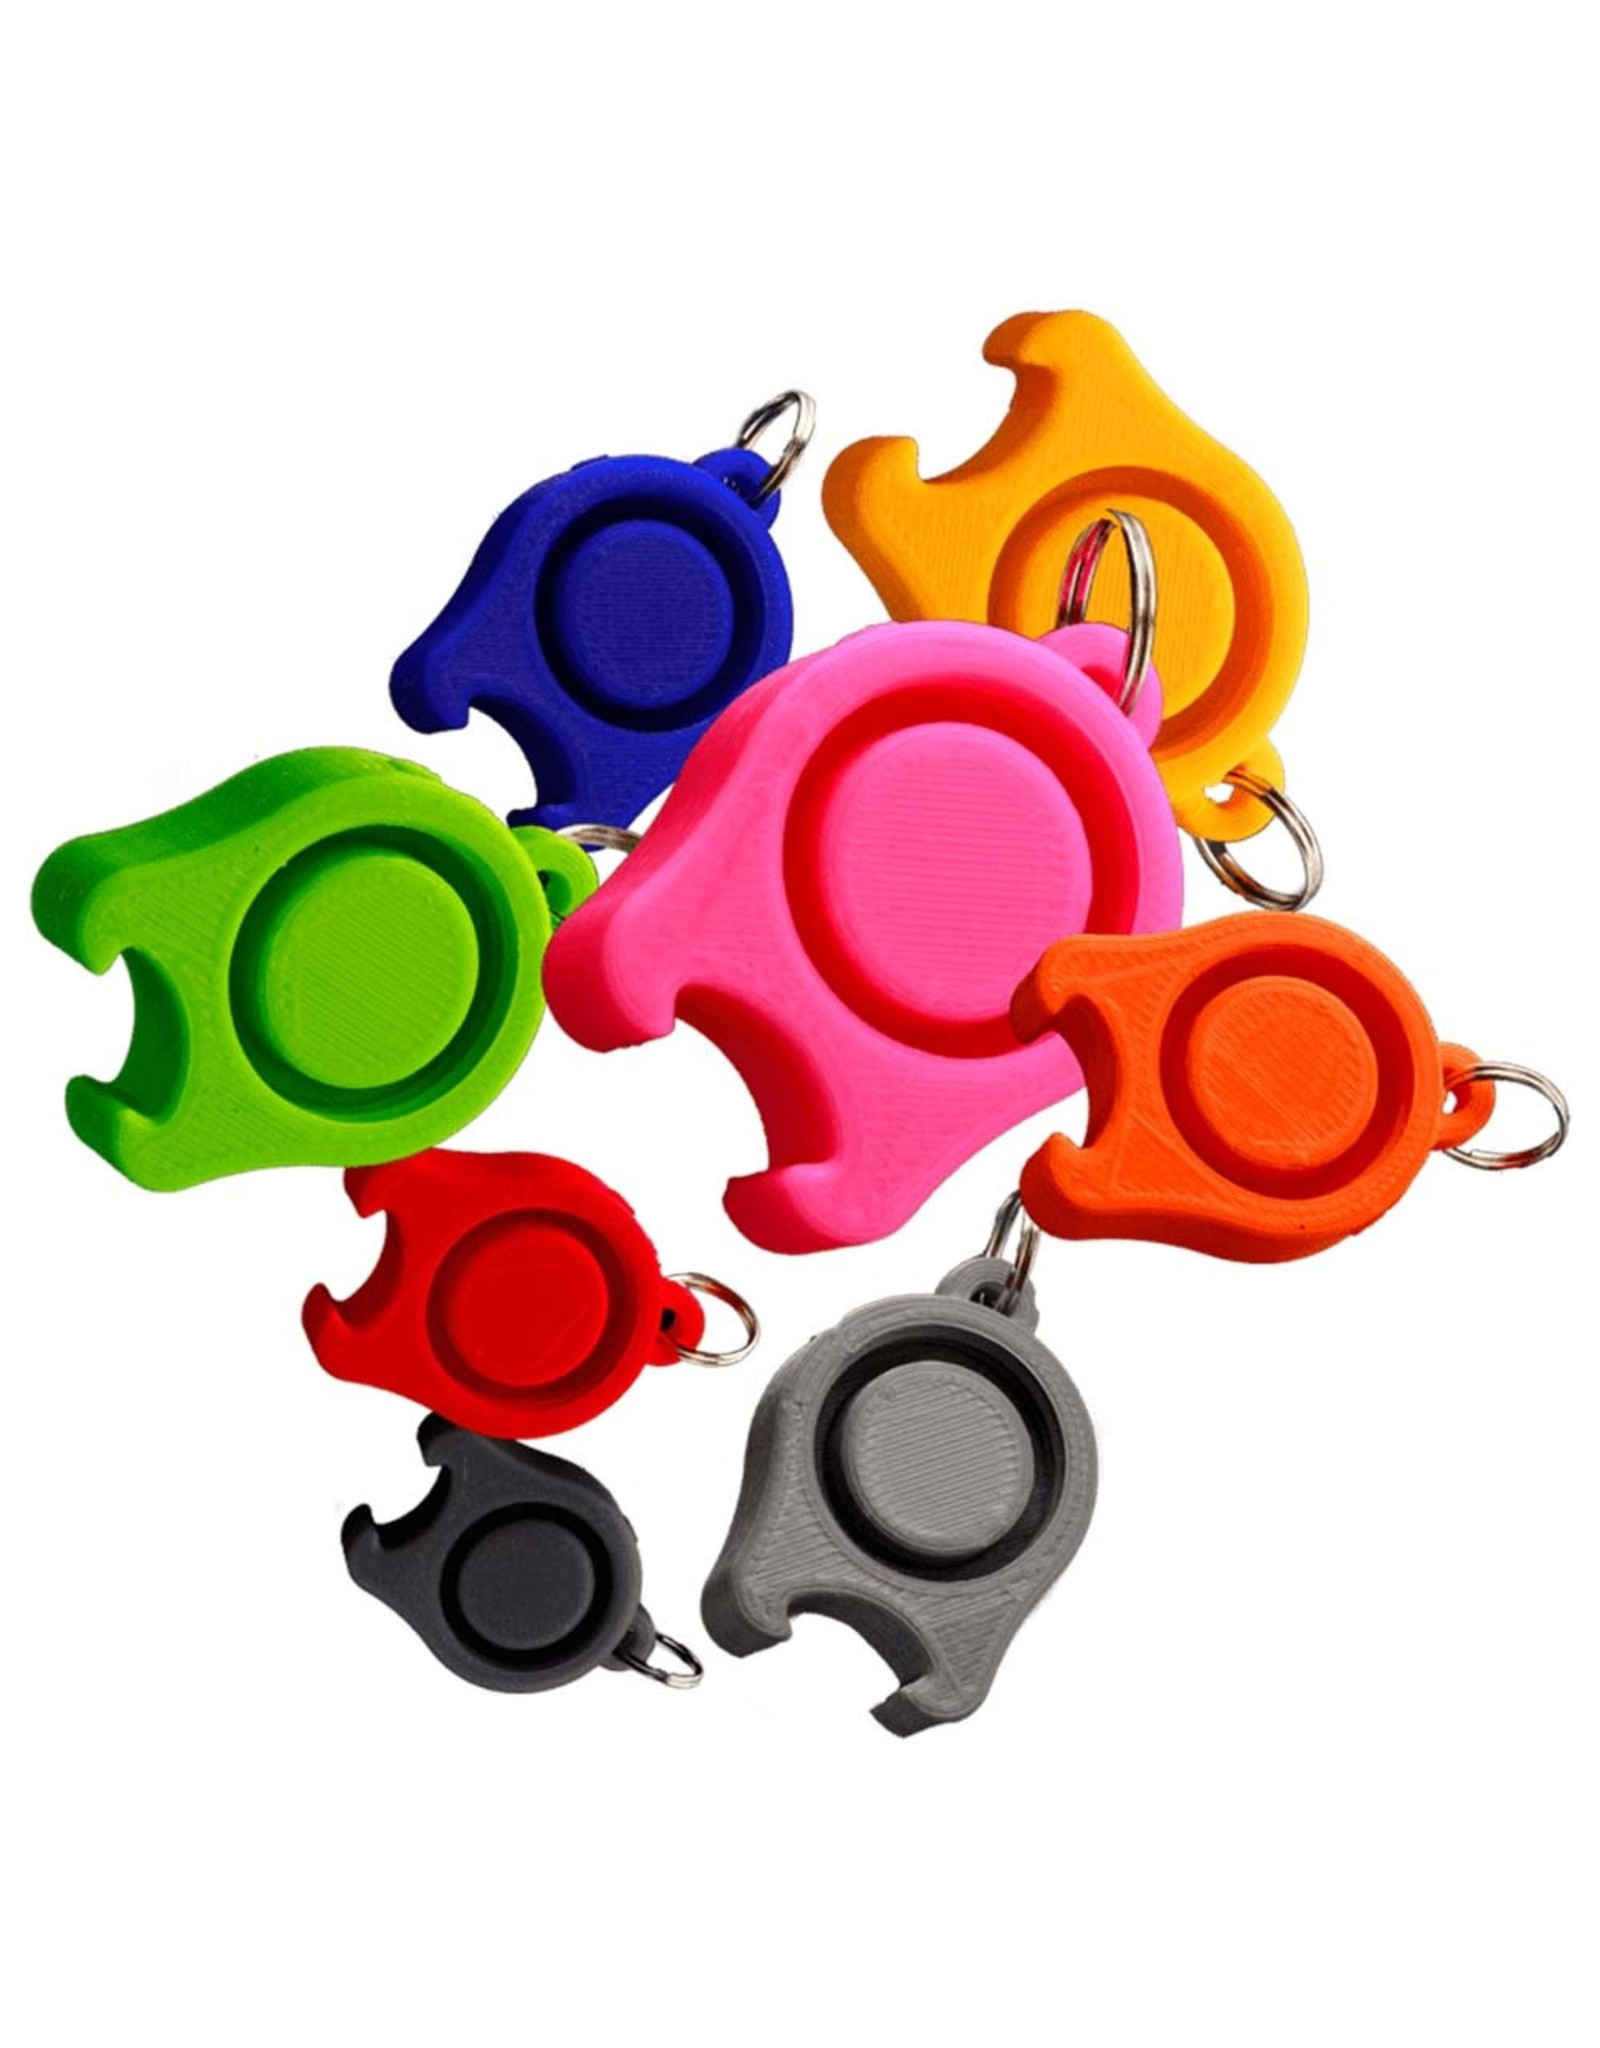 Festicap Festicap® Plus | The universal festival bottlecap with bottle opener